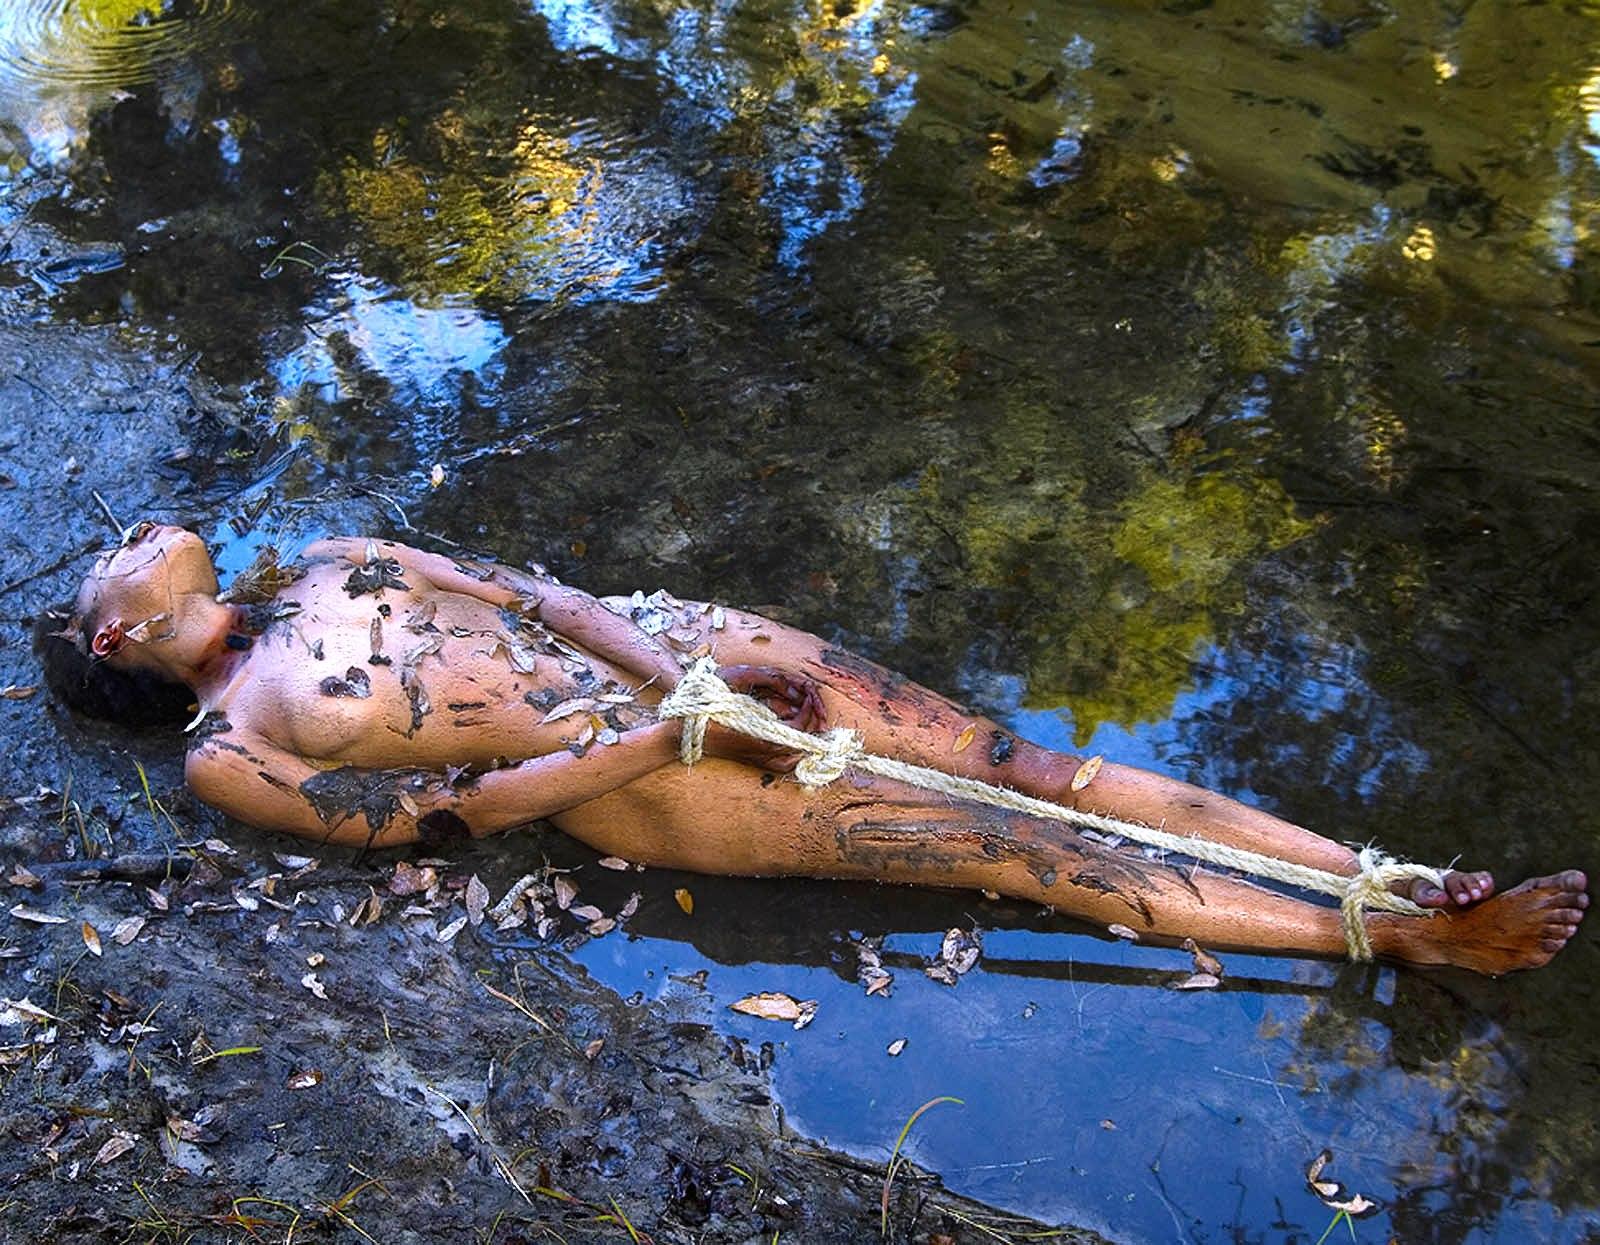 【閲覧注意】殺害された女性達のヌード画像ギャラリースレ・・・(画像あり)・7枚目